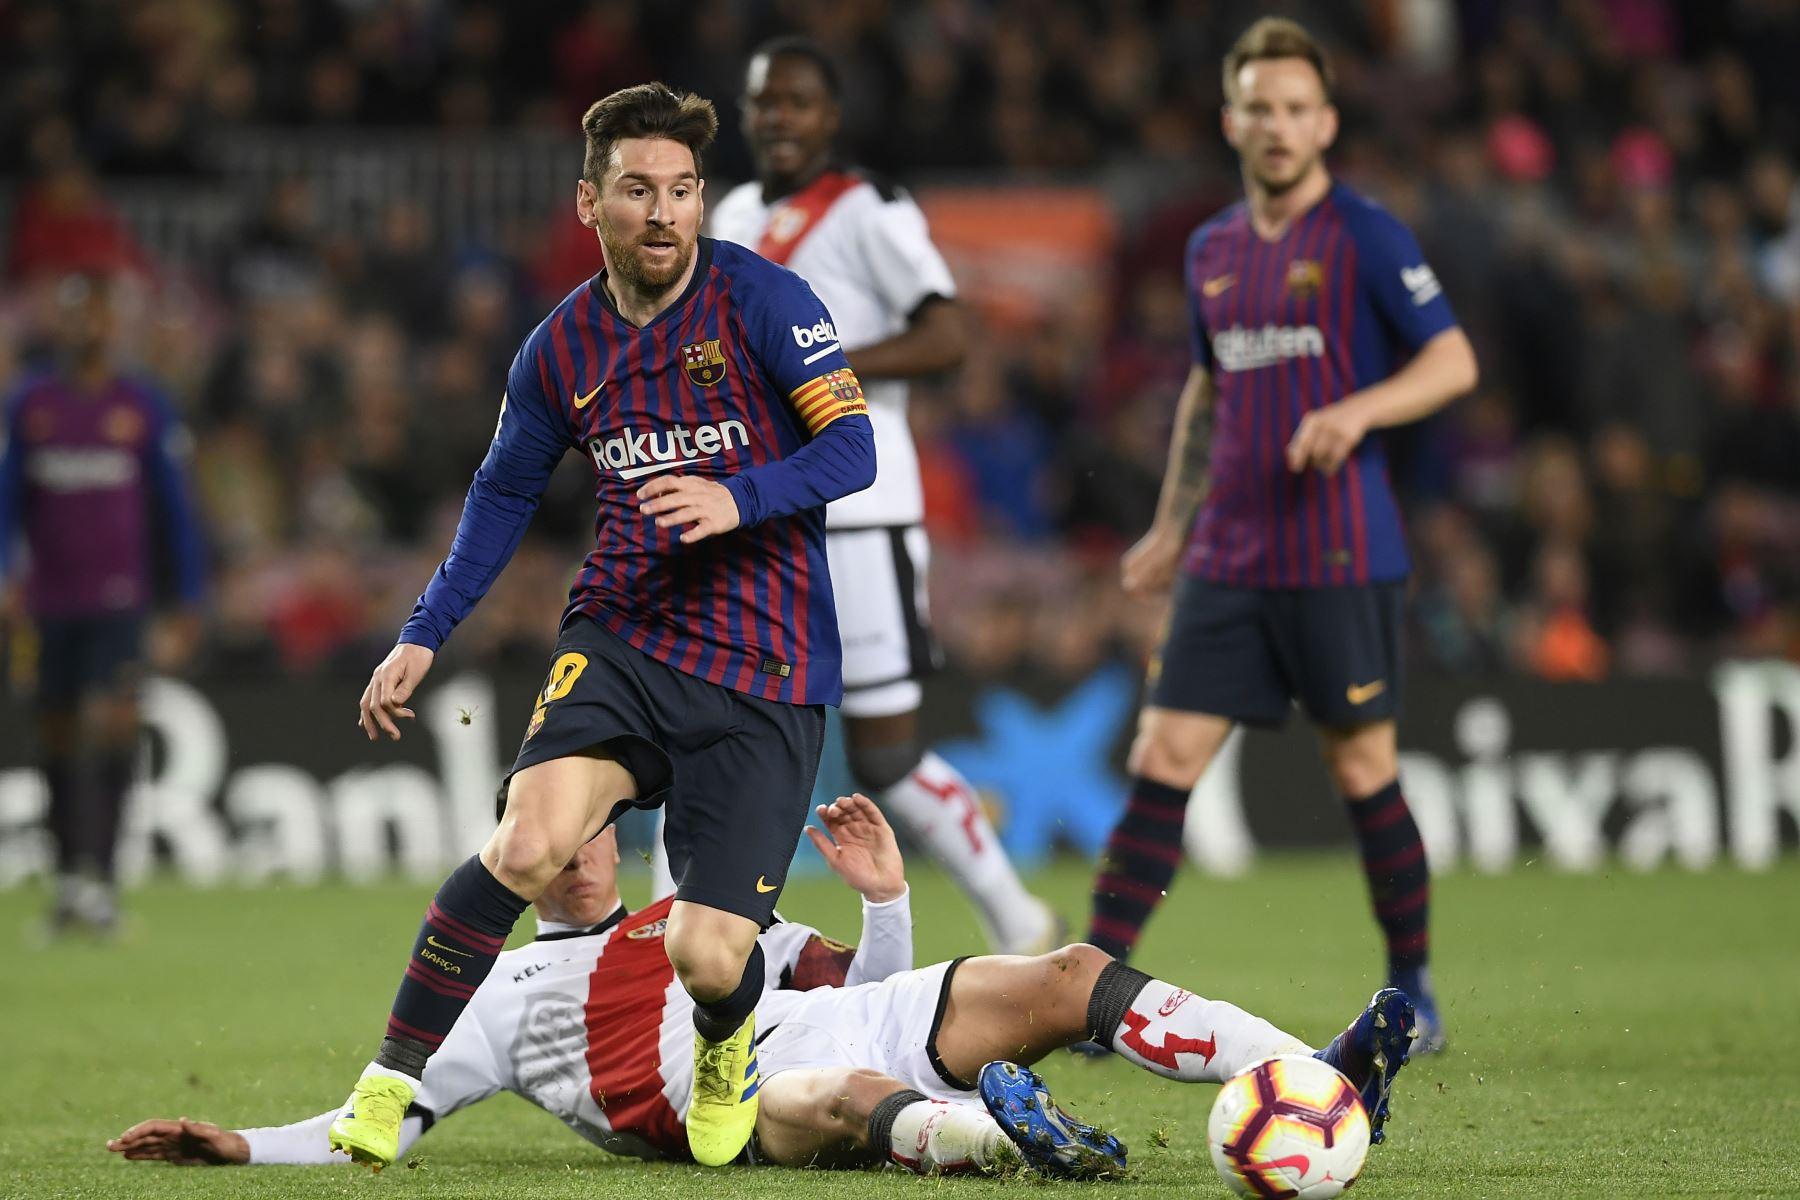 El delantero argentino del Barcelona Lionel Messi (L) compite por el balón con el centrocampista español del Rayo Vallecano Santi Comesana durante el partido de fútbol de la liga española entre el FC Barcelona y el Rayo Vallecano.Foto:AFP